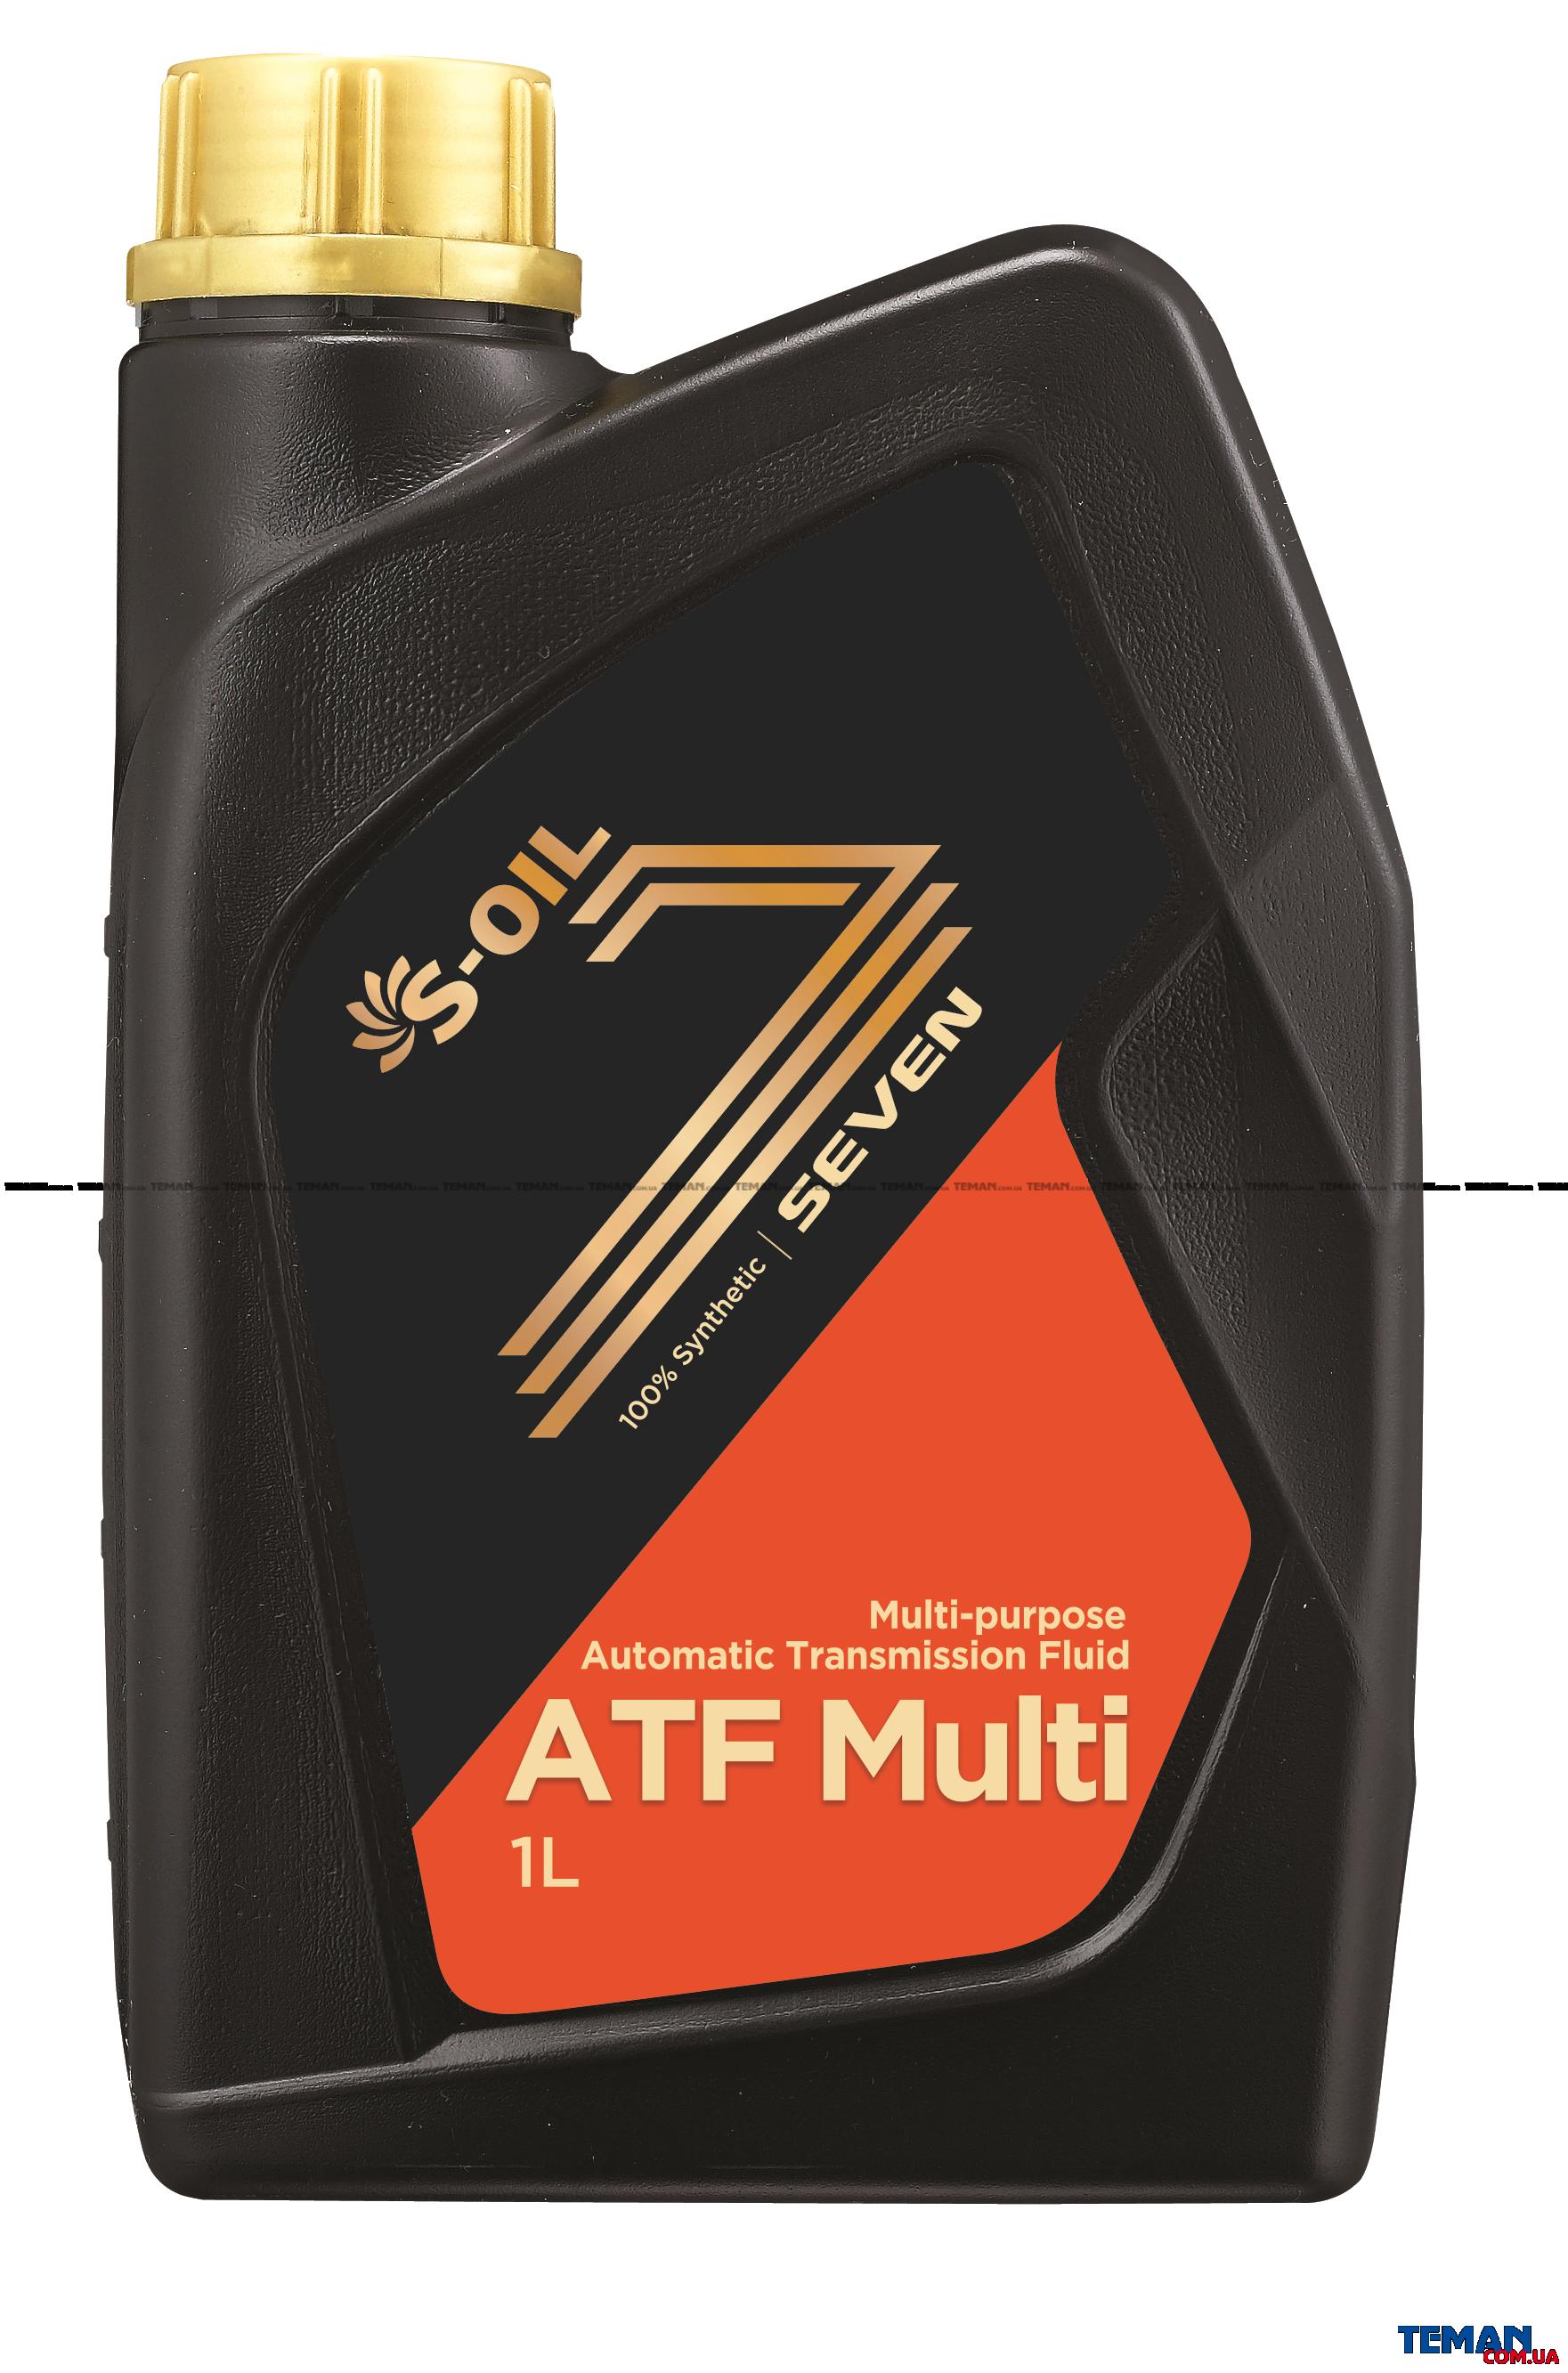 Синтетическое трансмиссионное масло SEVEN ATF MULTI, 1 л